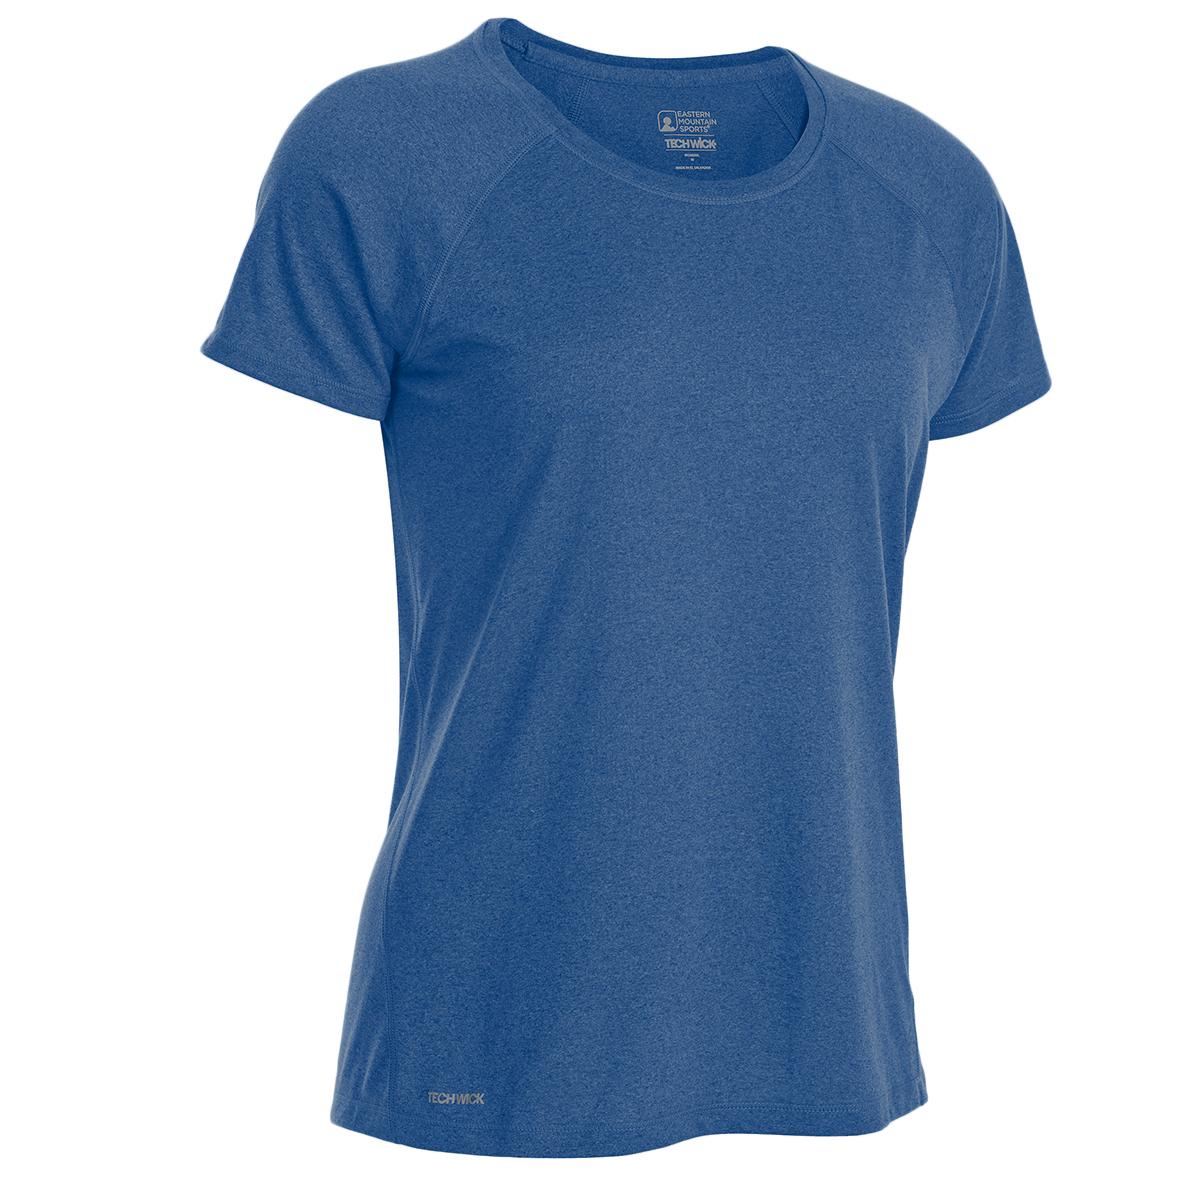 Ems Women's Techwick Essence Crew Short-Sleeve Shirt - Blue, XL